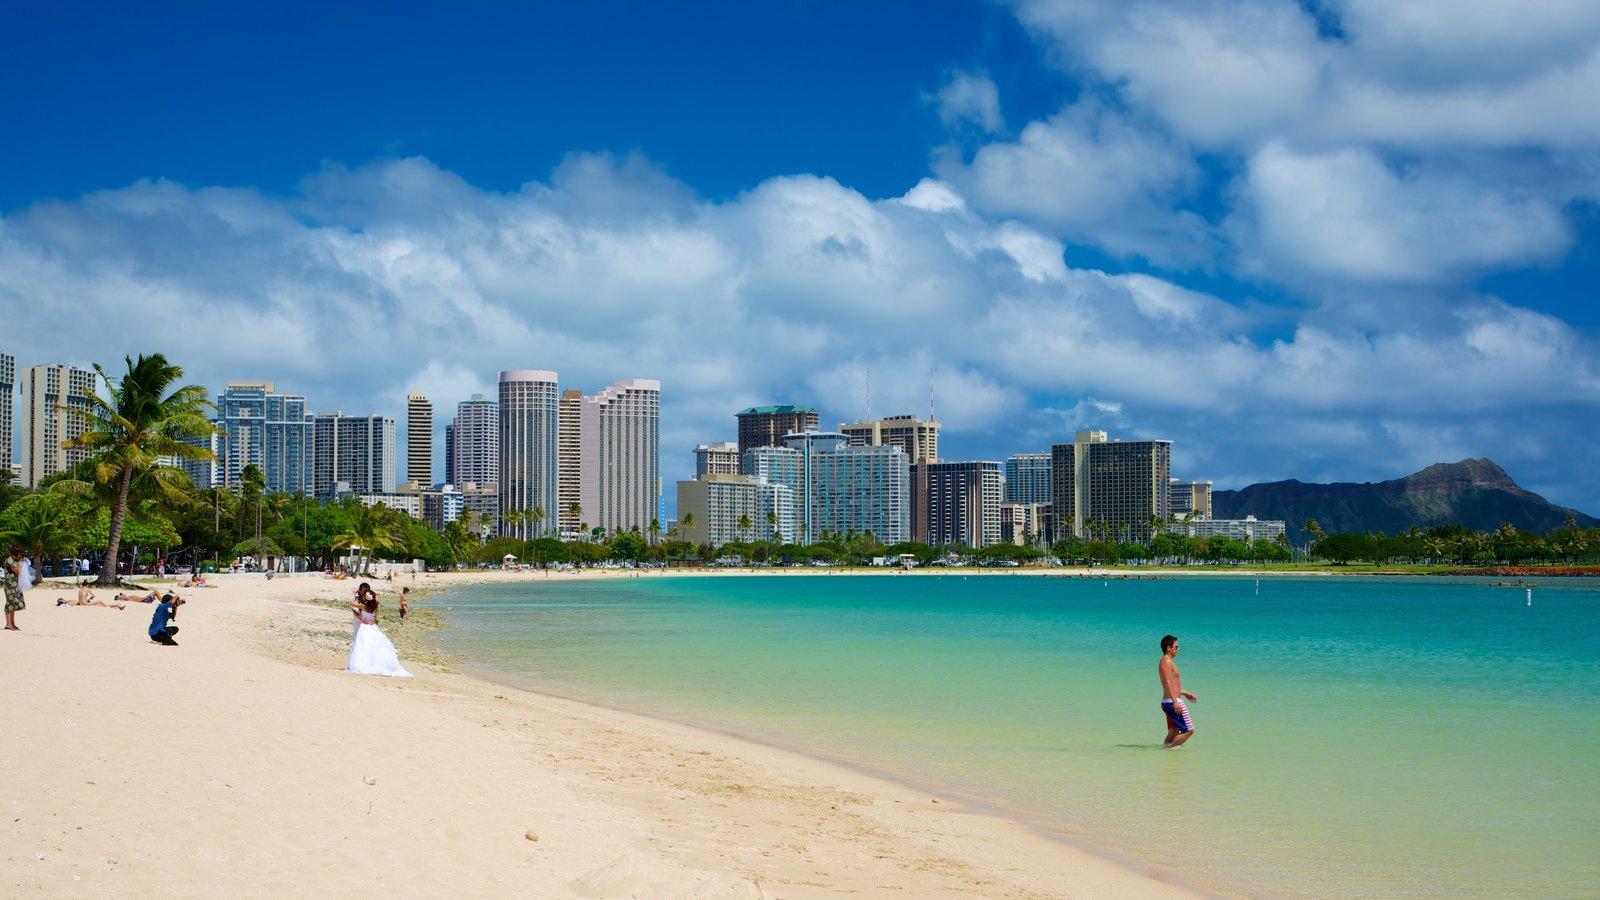 Ala Moana Beach Park que inclui uma cidade litorânea, cenas tropicais e linha do horizonte